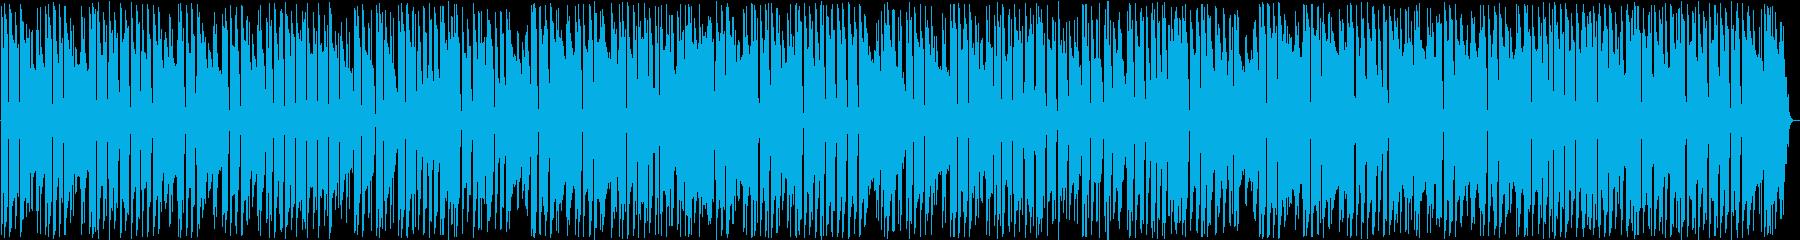 時の流れを感じさせるアコギ指弾き曲の再生済みの波形